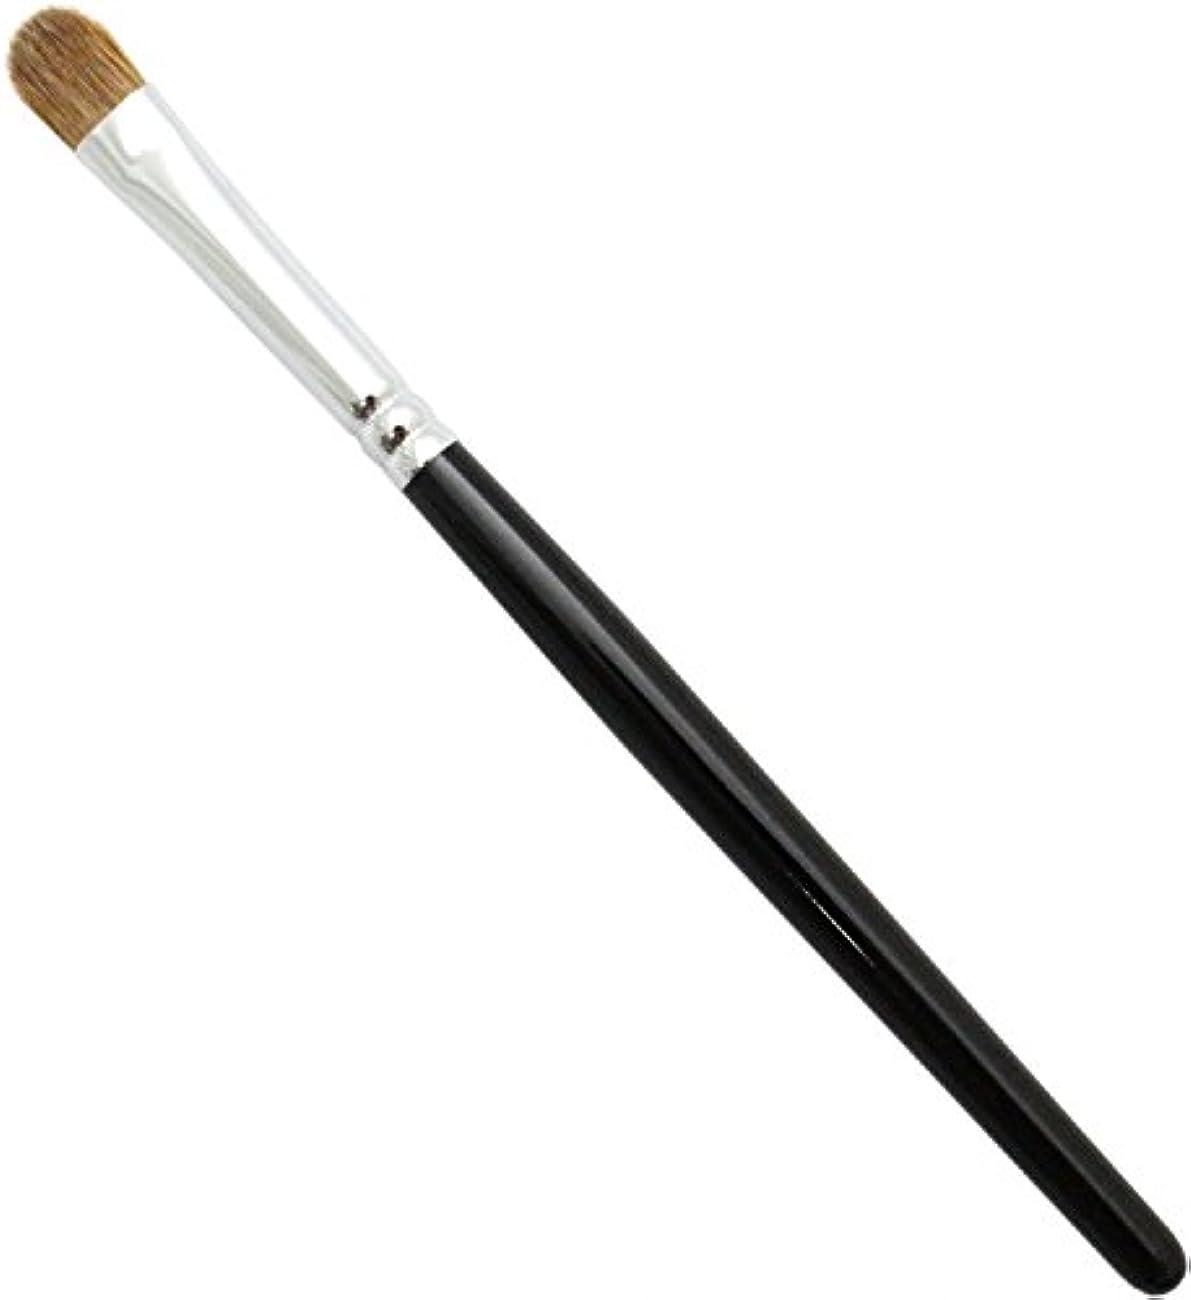 強風遮る大聖堂熊野筆 メイクブラシ SRシリーズ アイシャドウブラシ 小 イタチ毛